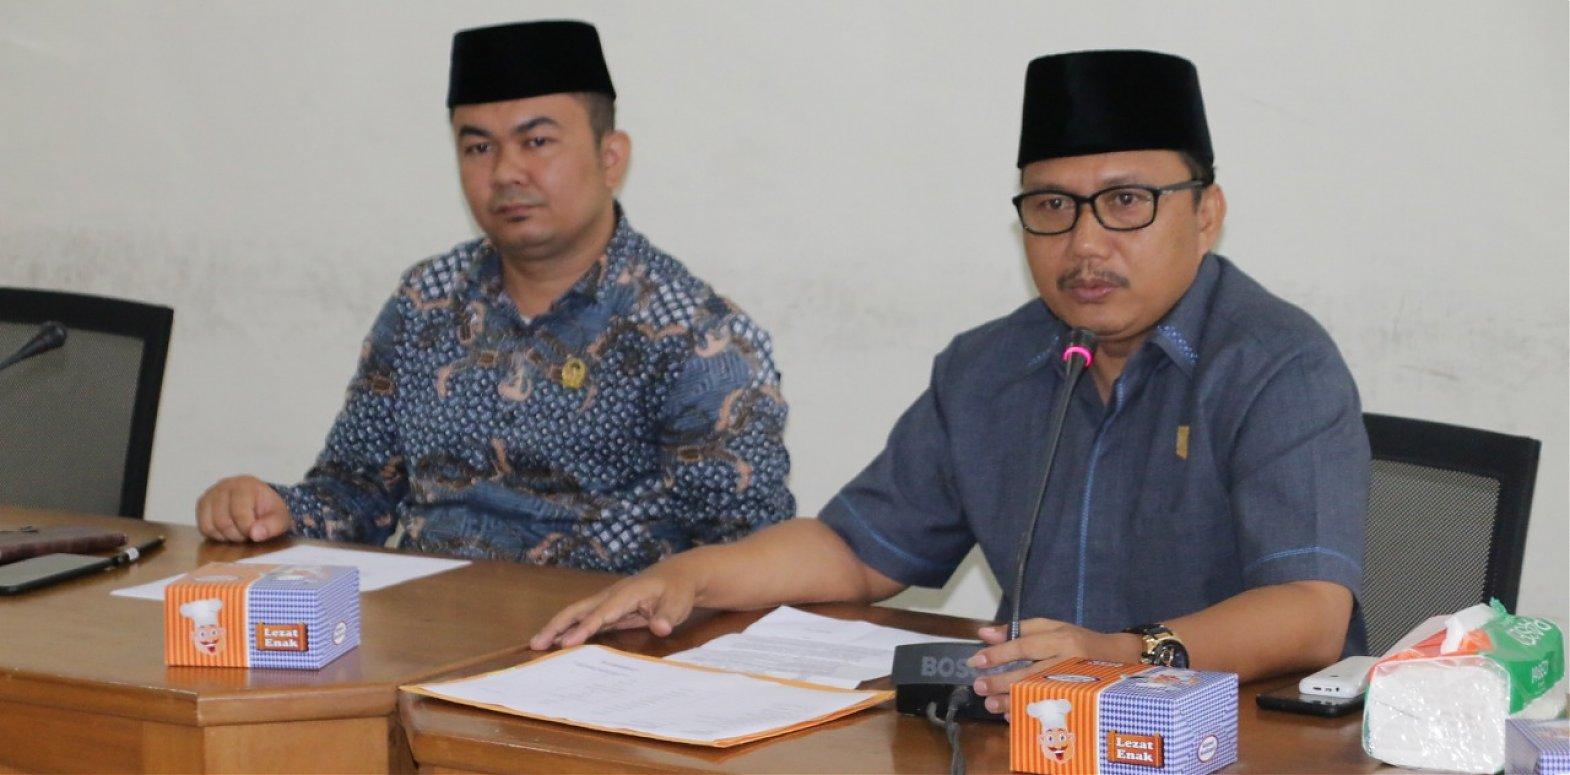 Bahas Pendidikan, Komisi IV DPRD Raker dengan OPD